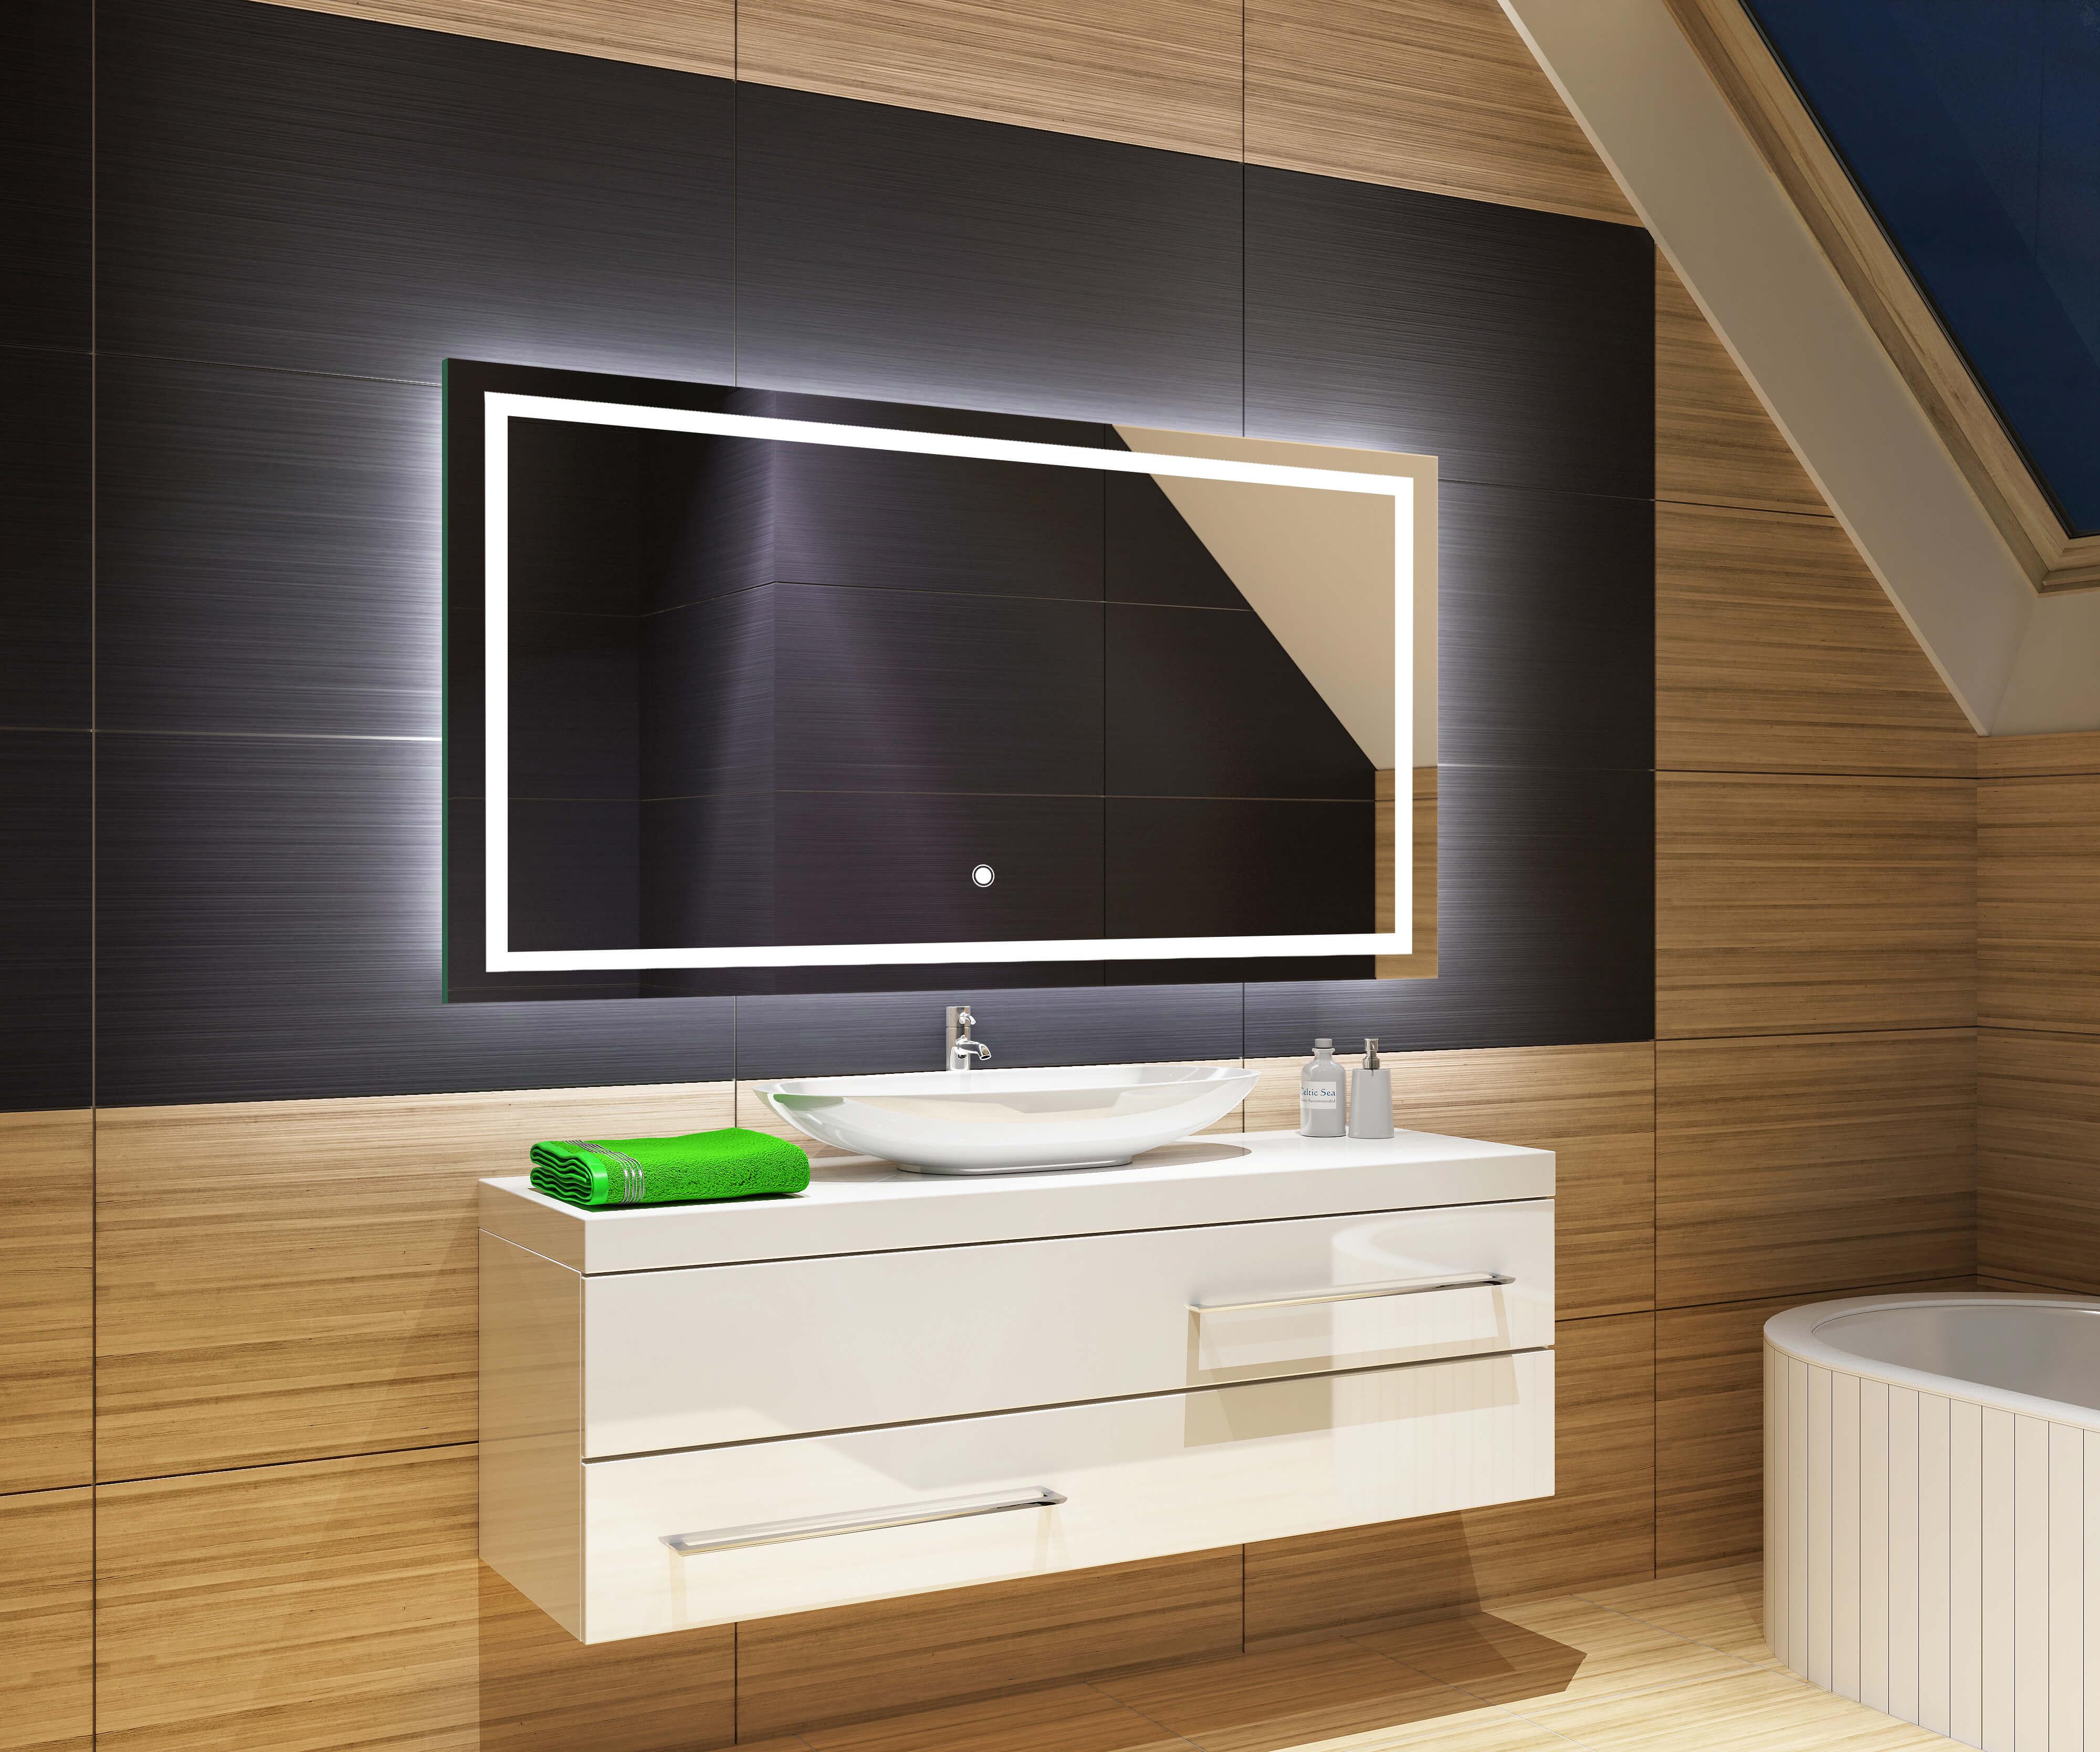 Badezimmerspiegel Spiegel Schalter Led Badspiegel